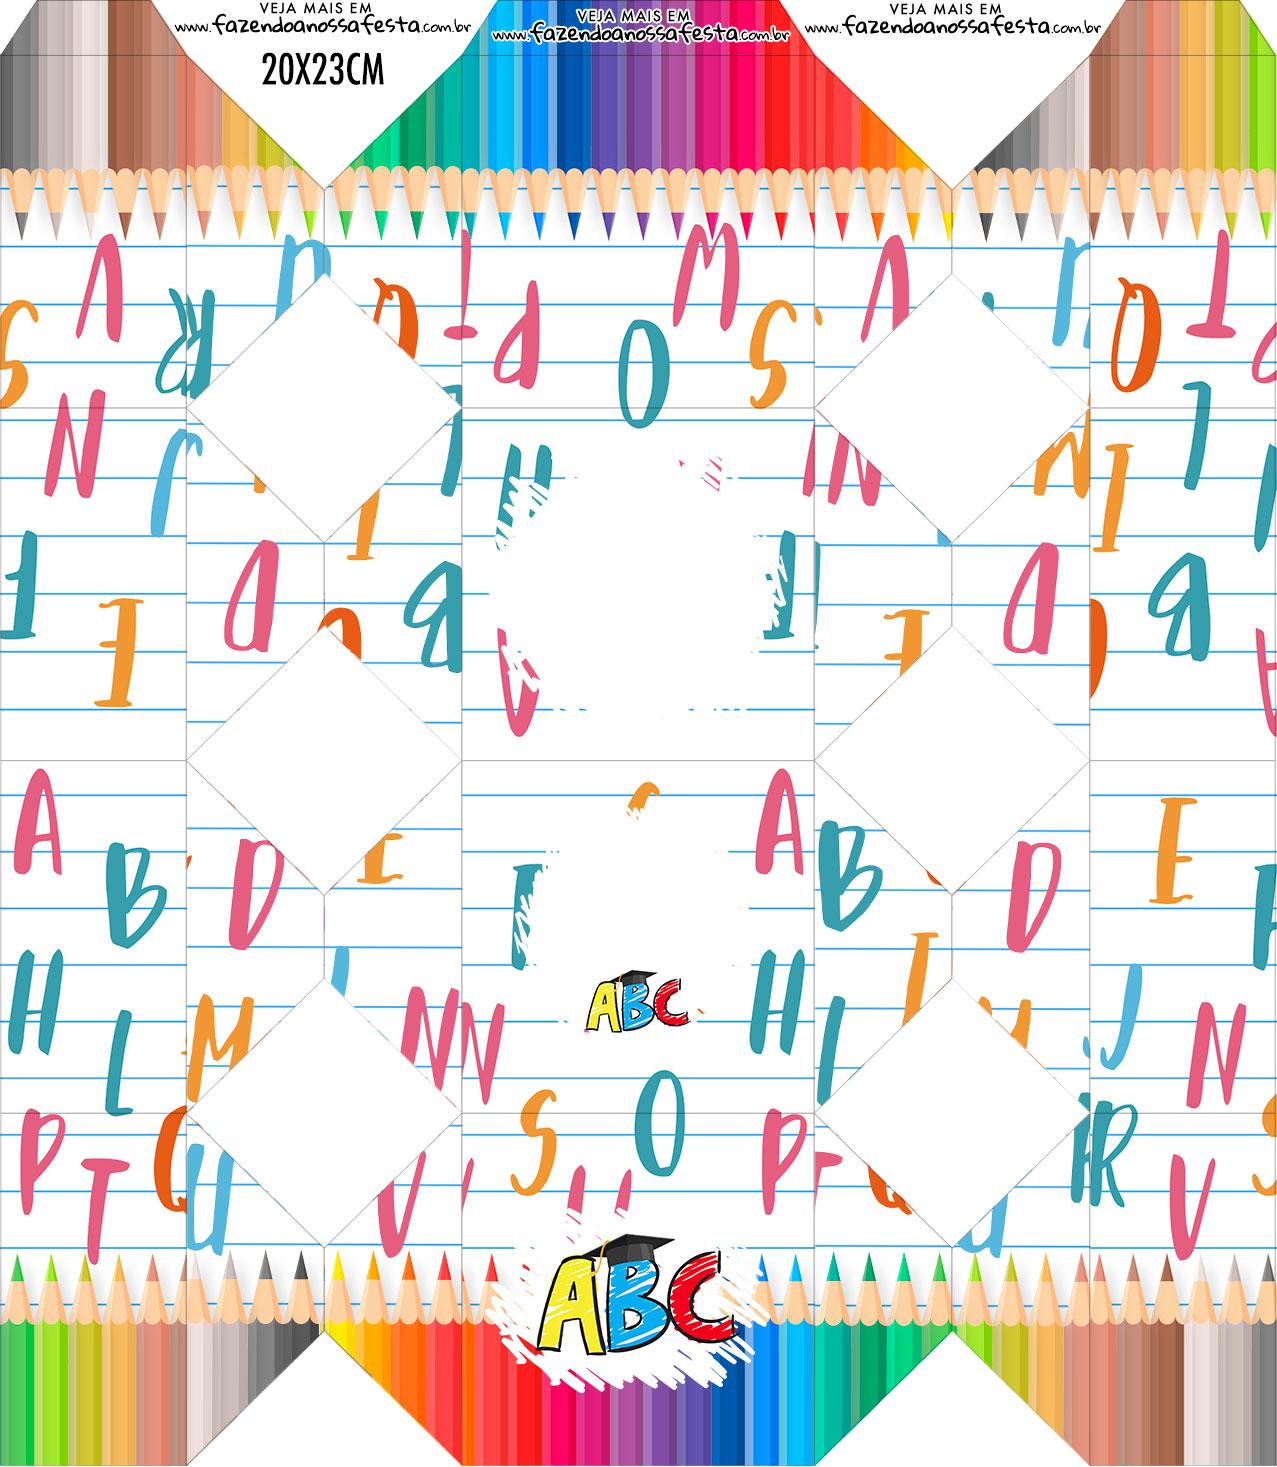 Caixa Bala Formatura ABC